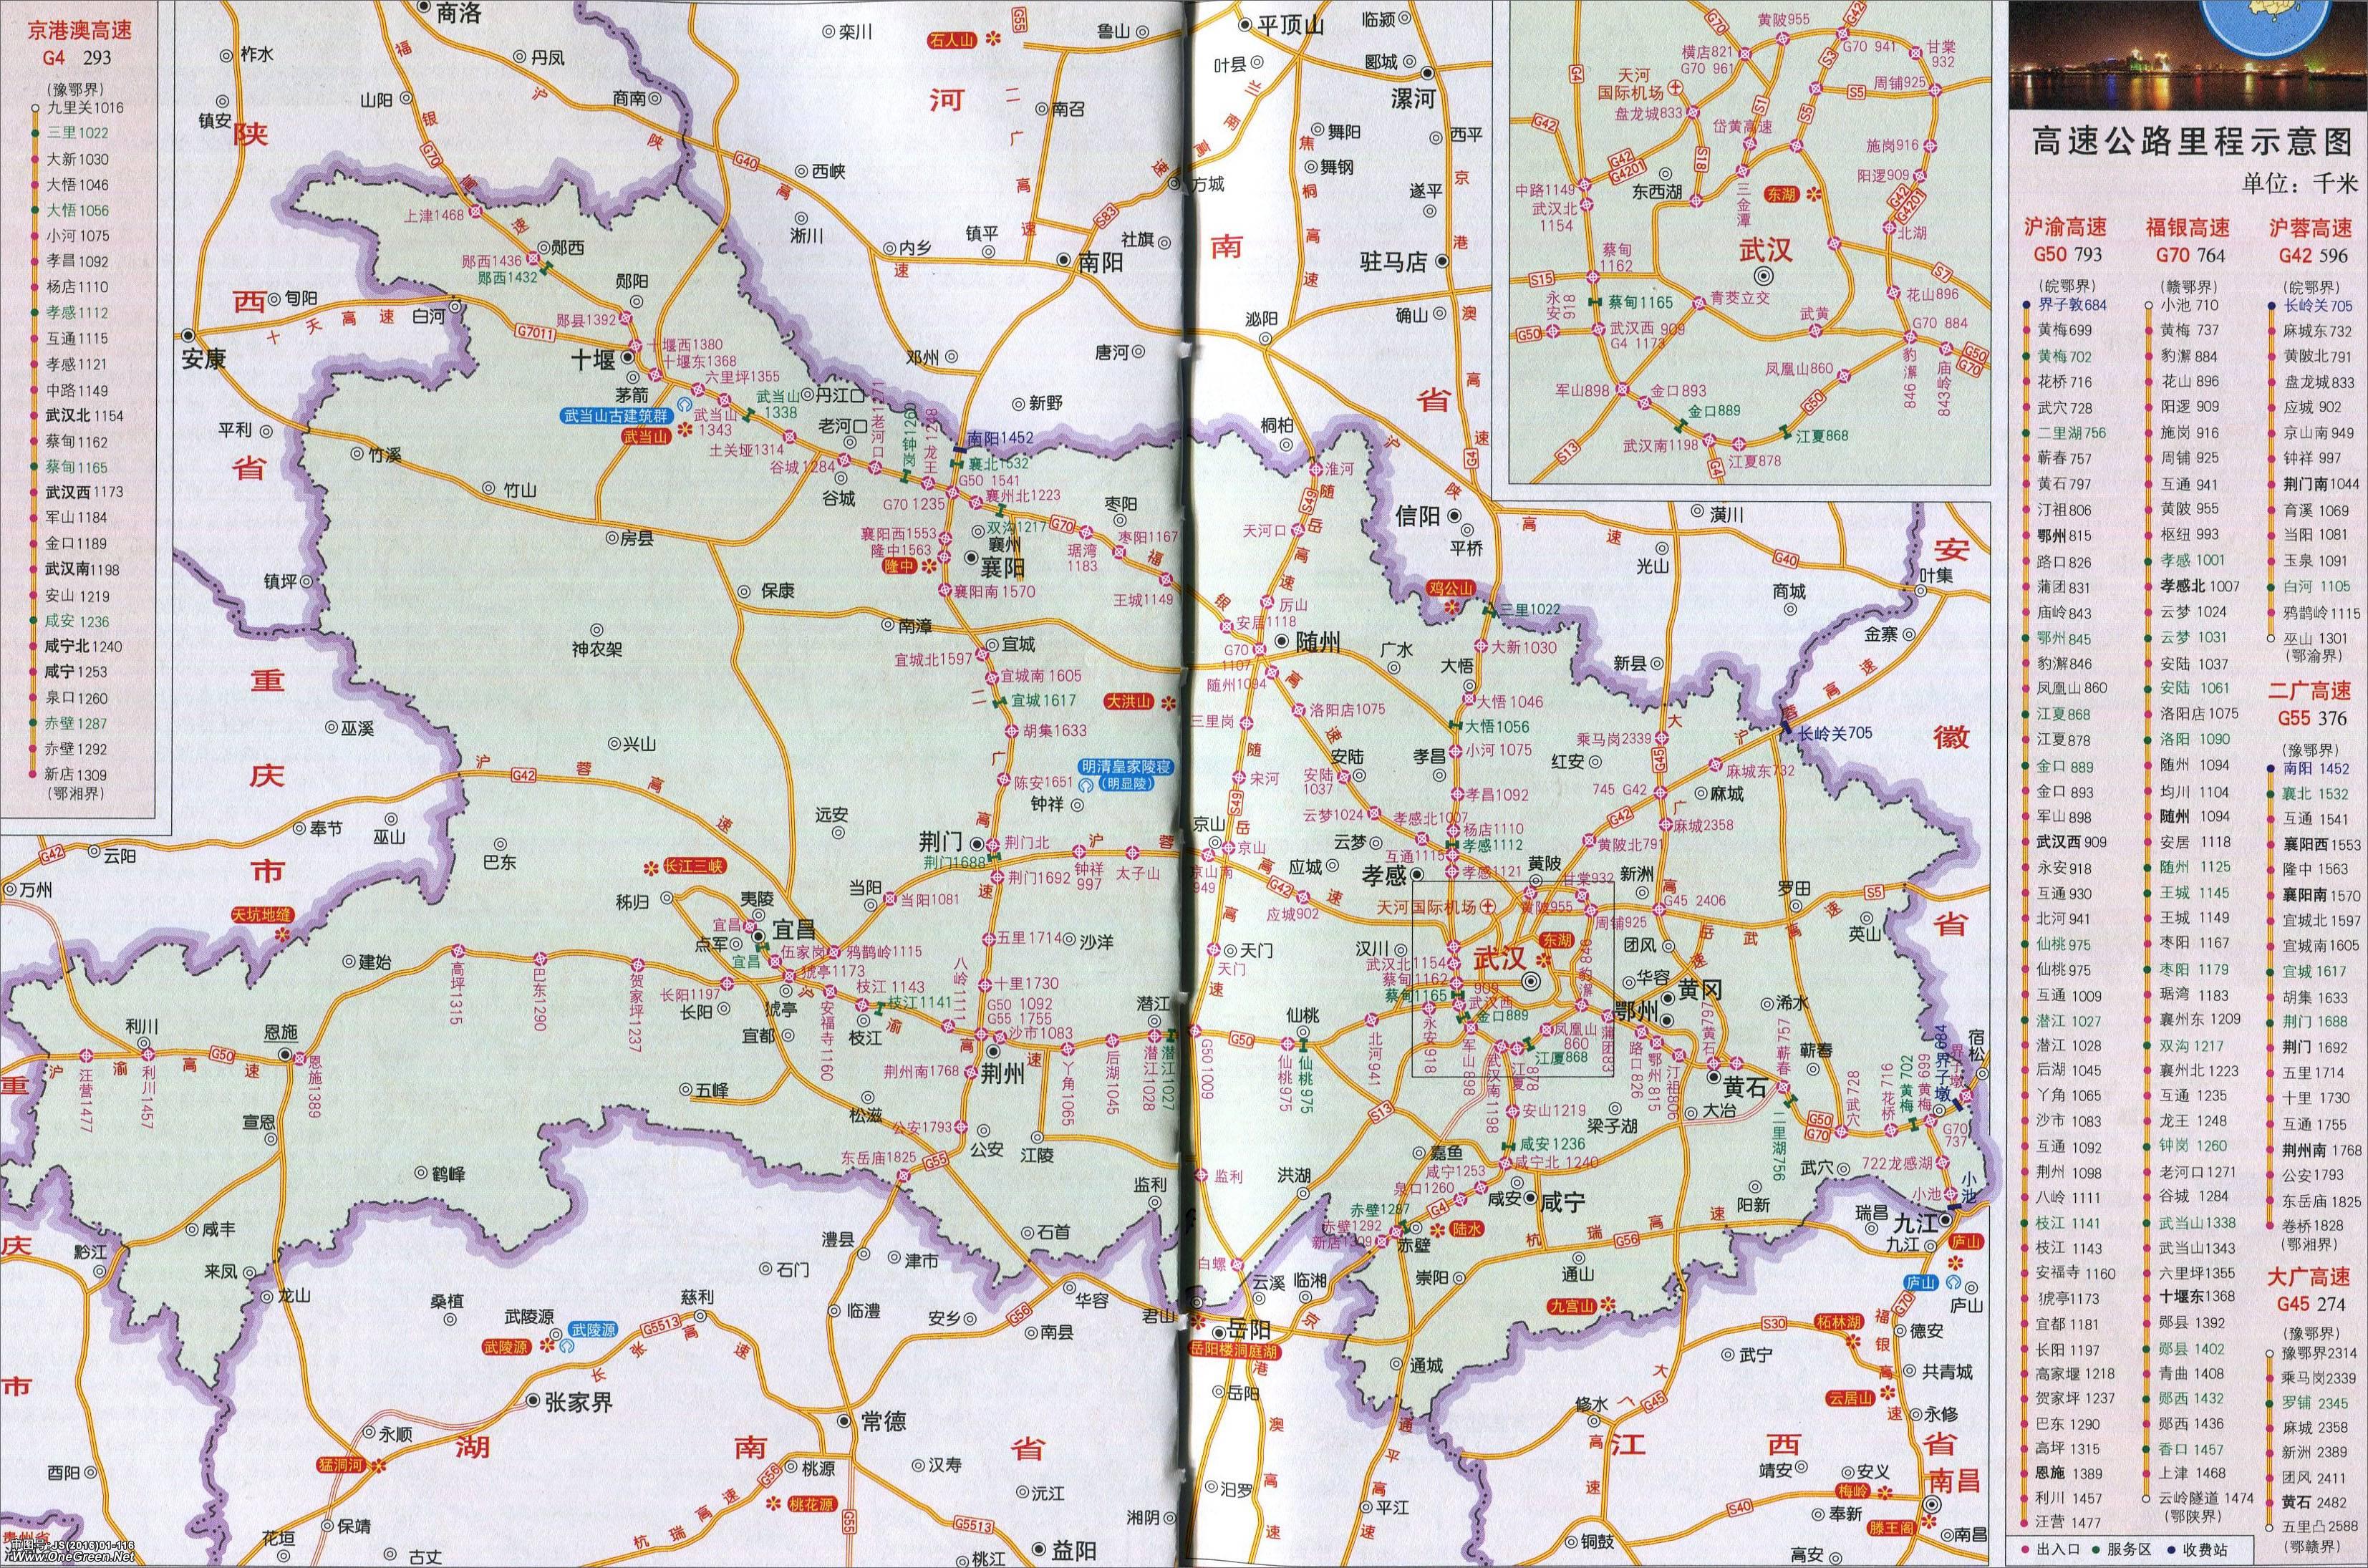 湖北省高速公路地图